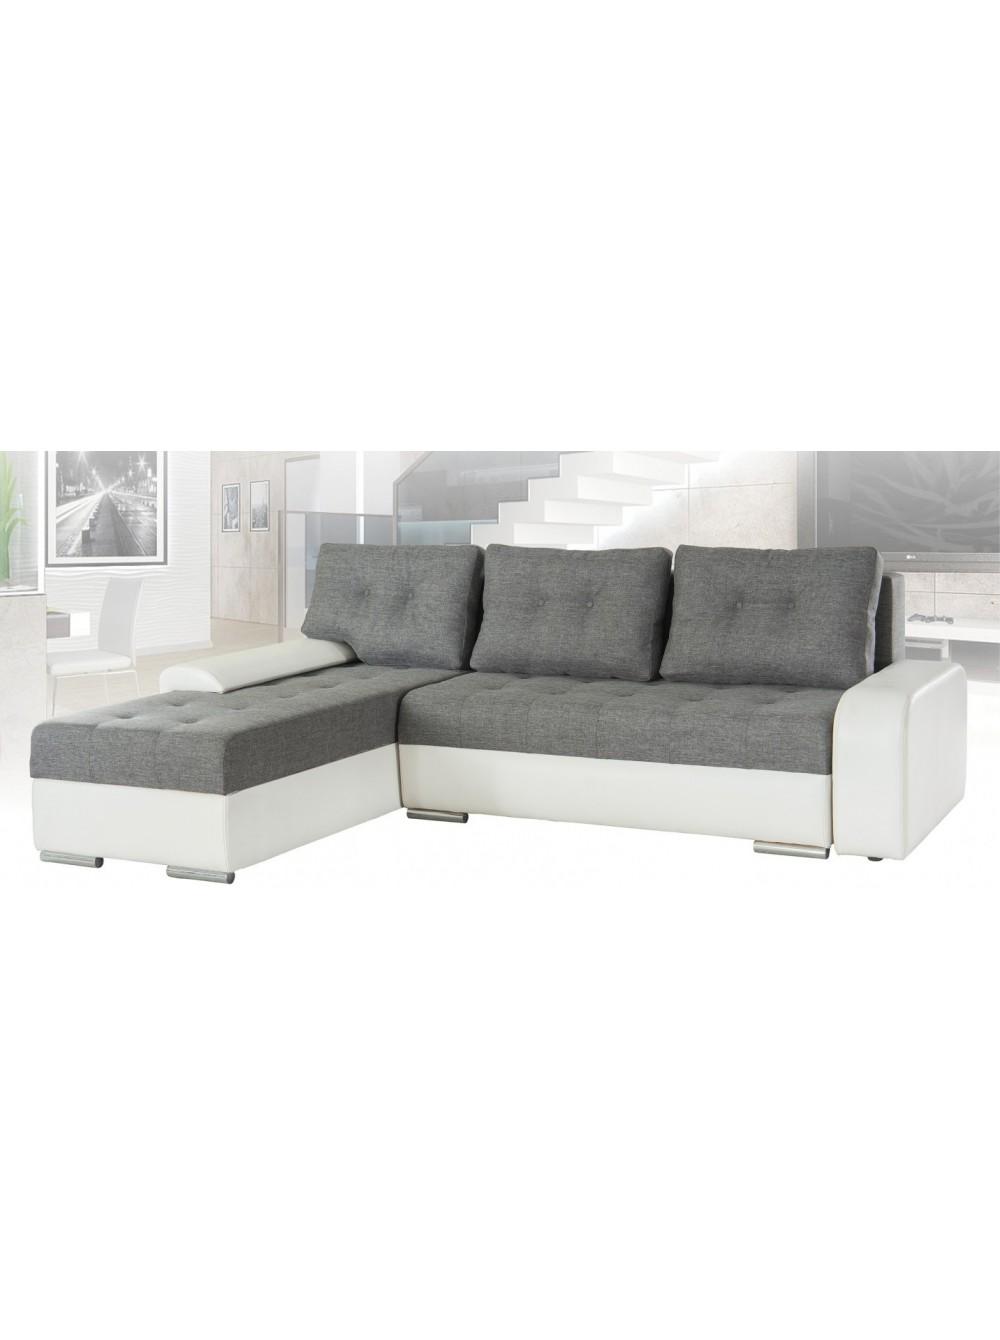 купить угловой диван женева со склада в днепропетровске доставка по